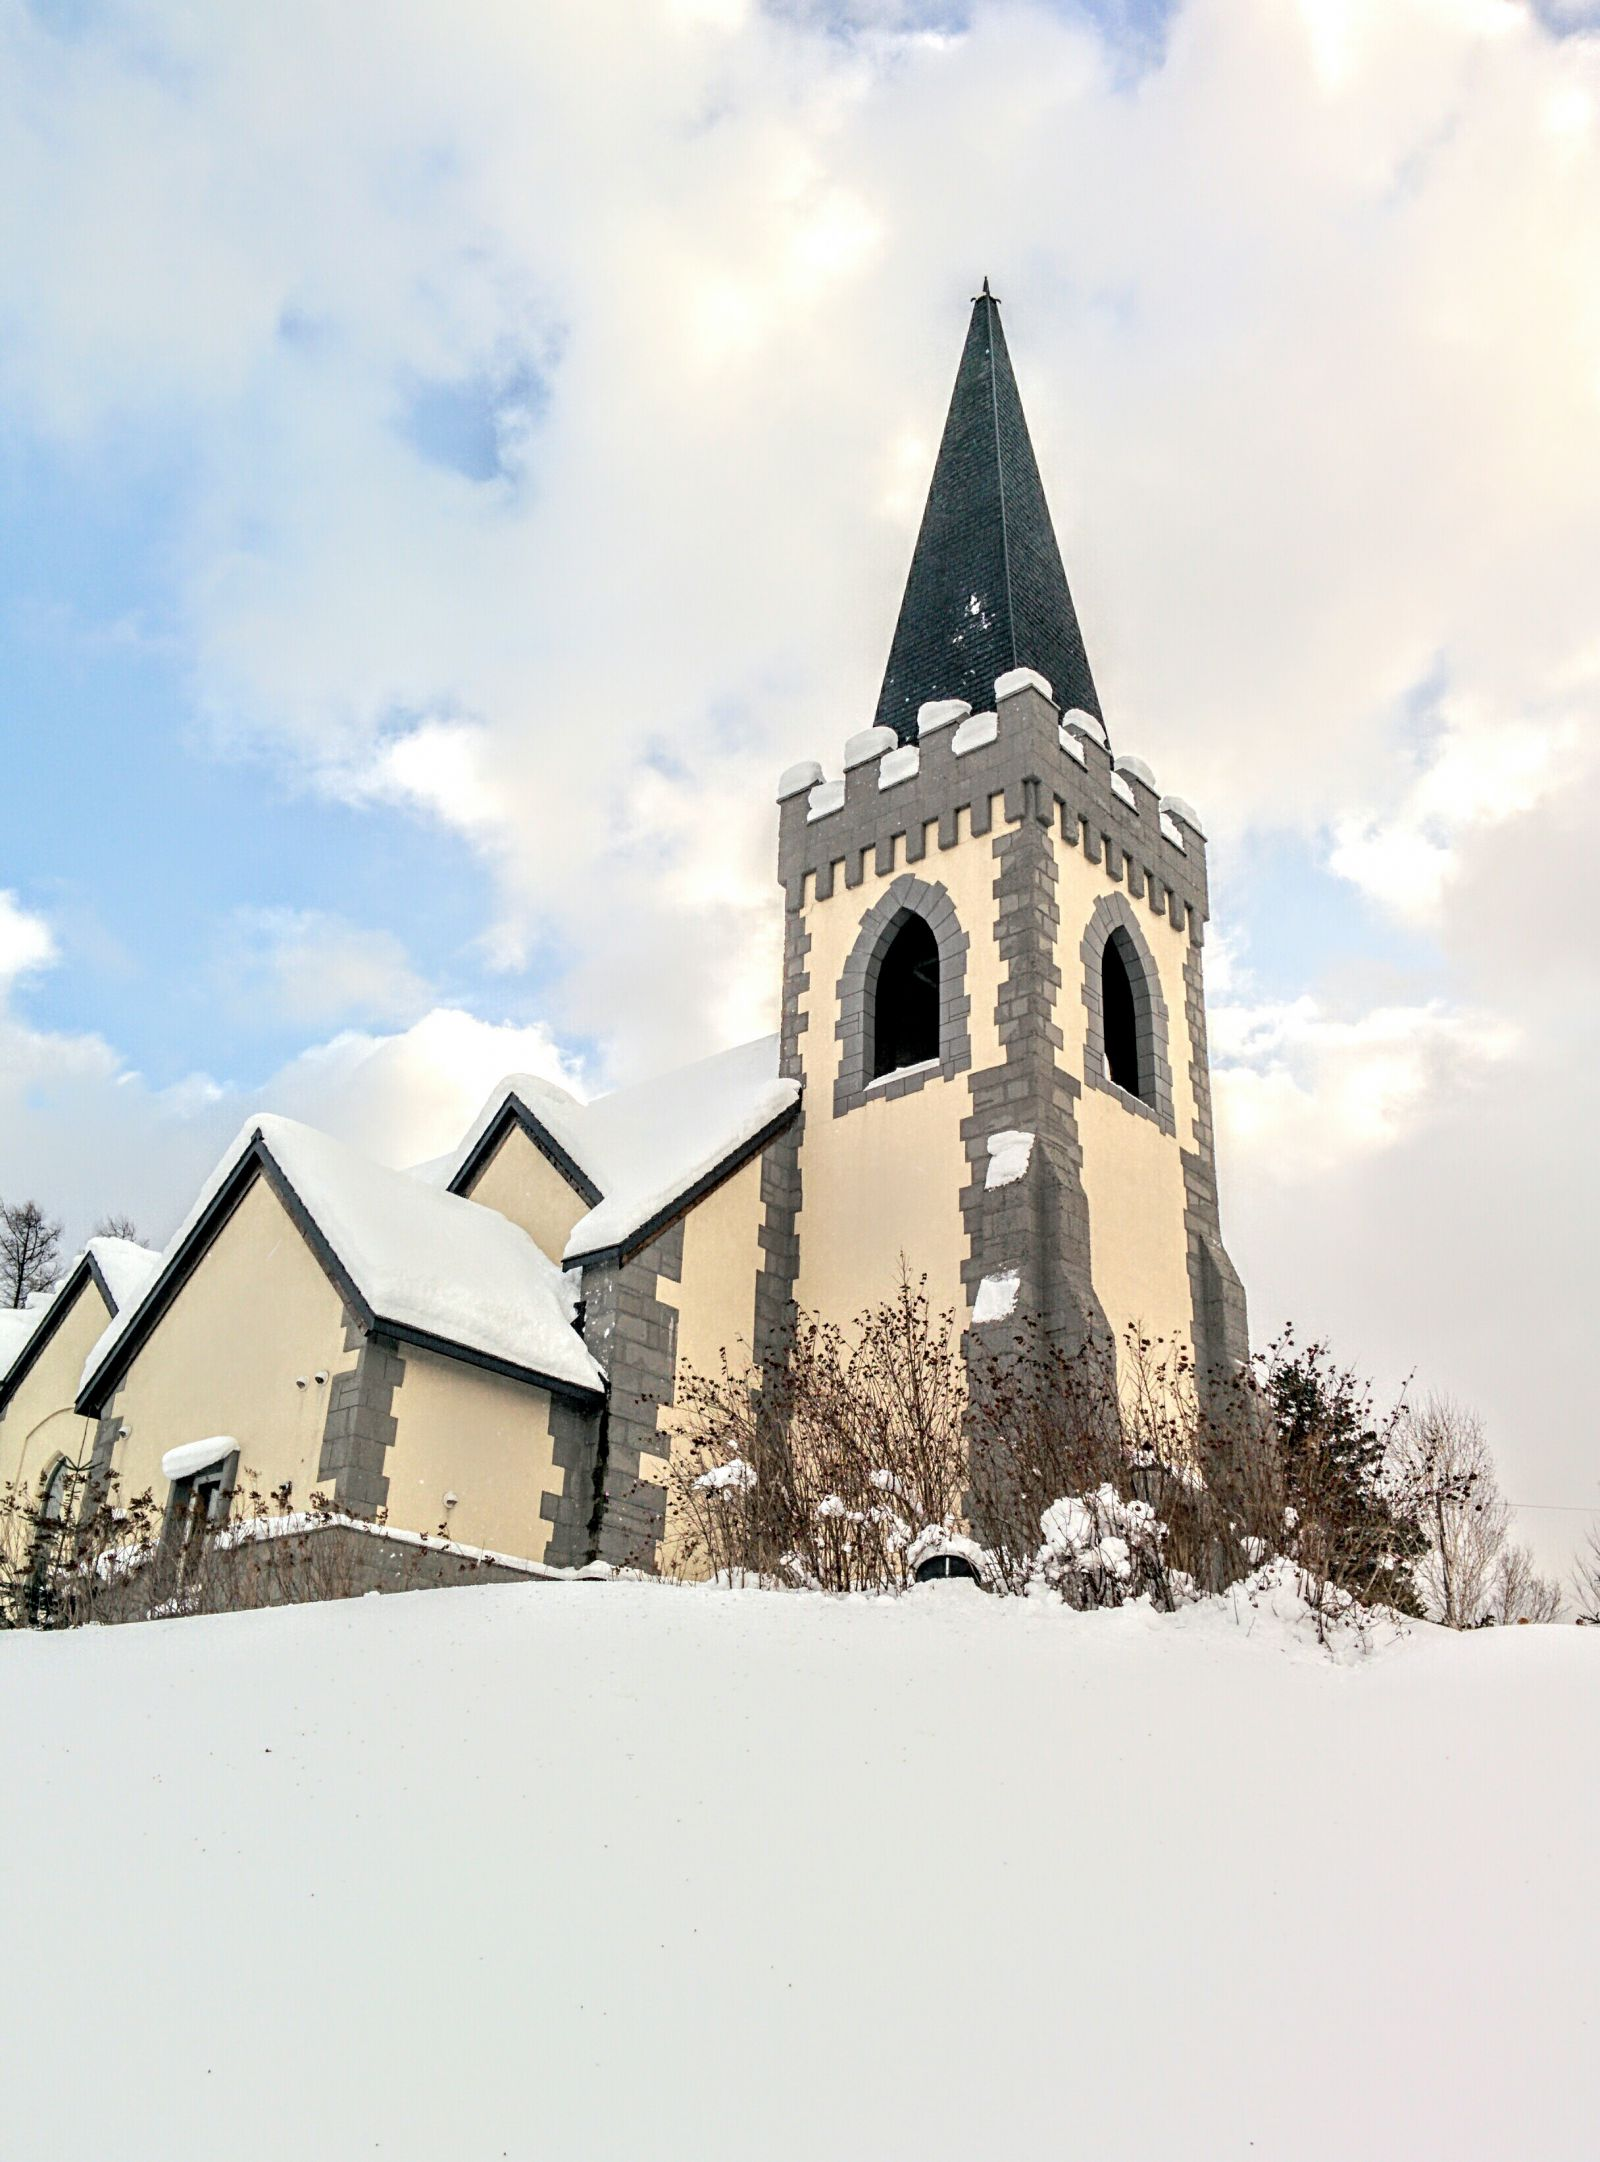 深川市イルムの丘・聖マーガレット教会観光案内です。